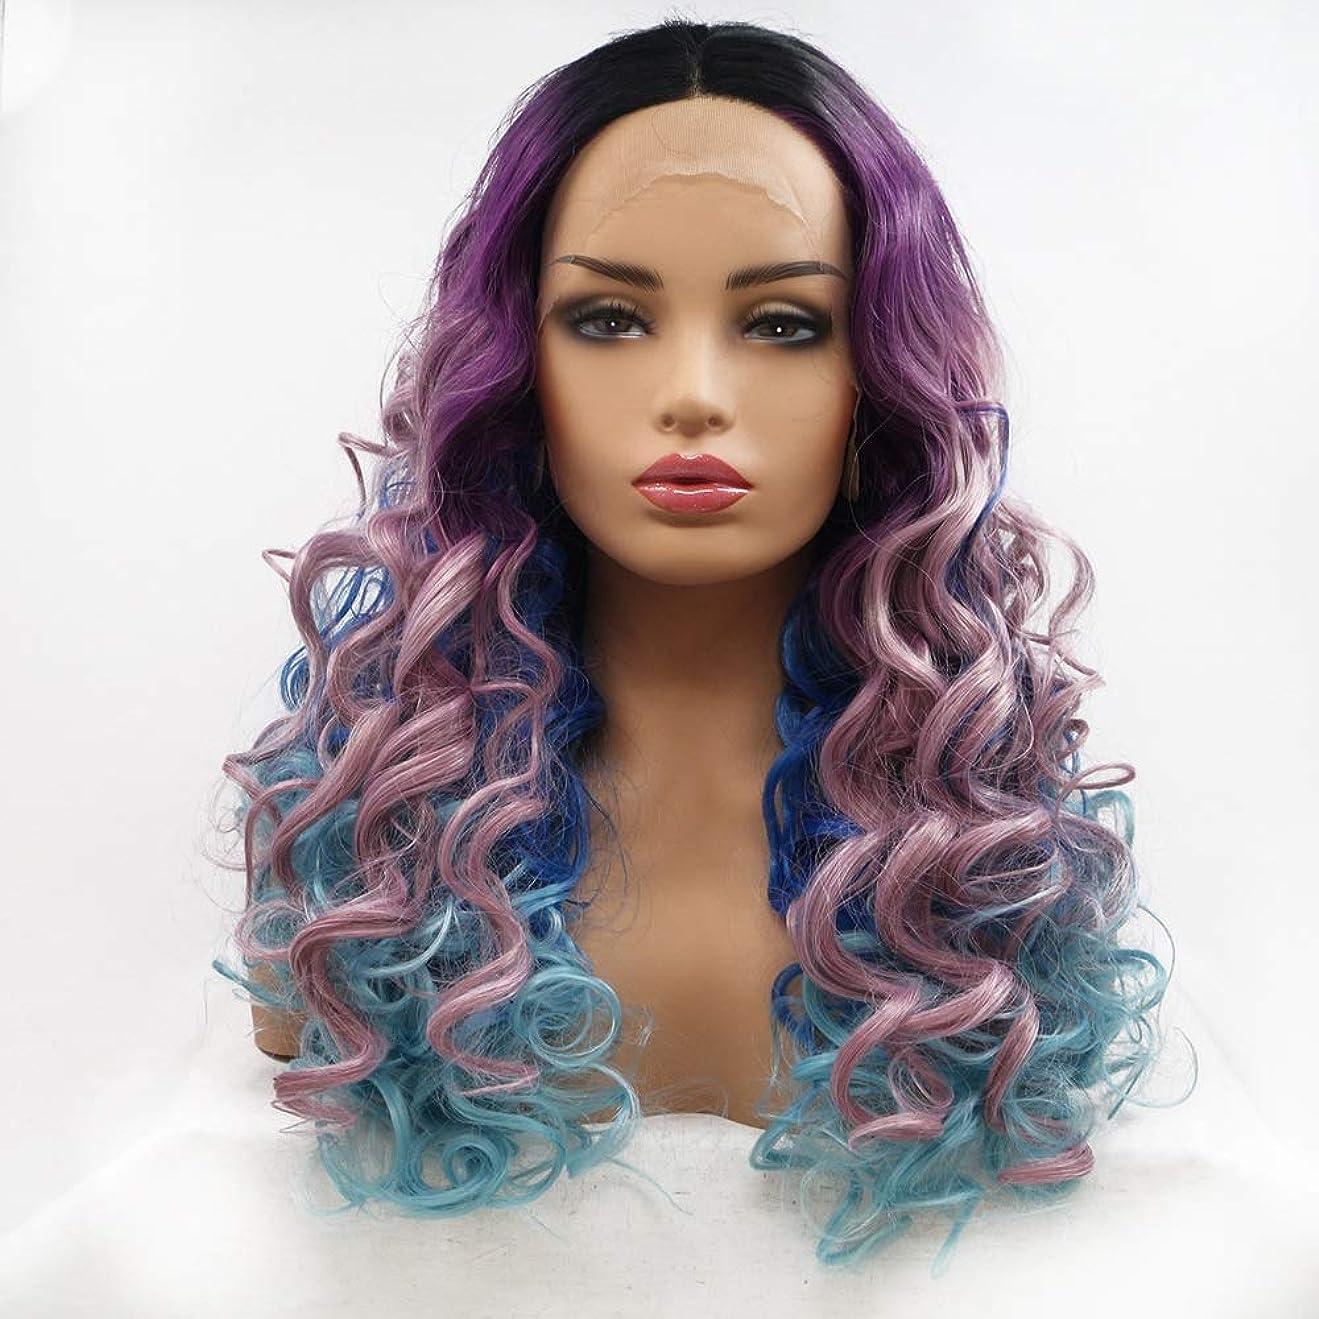 ポテト銀近所のHAILAN HOME-かつら ウィッグ髪に紫、濃い青 - 青 - 勾配Farseeing髪カーリーヘアウィッグレディース手作りのレースのヨーロッパとアメリカのウィッグセットが生物リアルな換気を設定します。